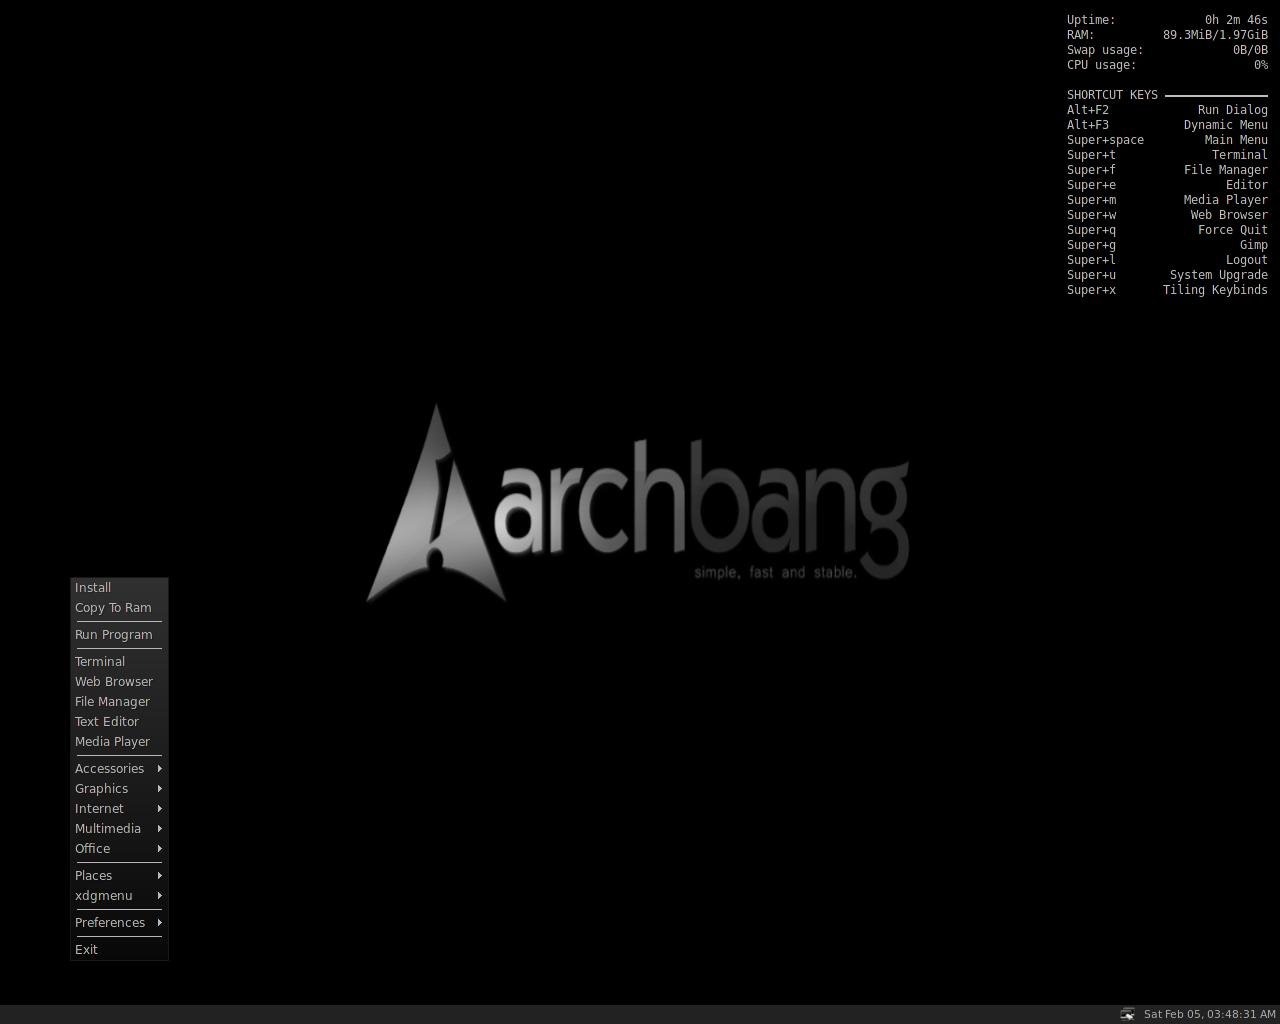 Arch Bang Linux